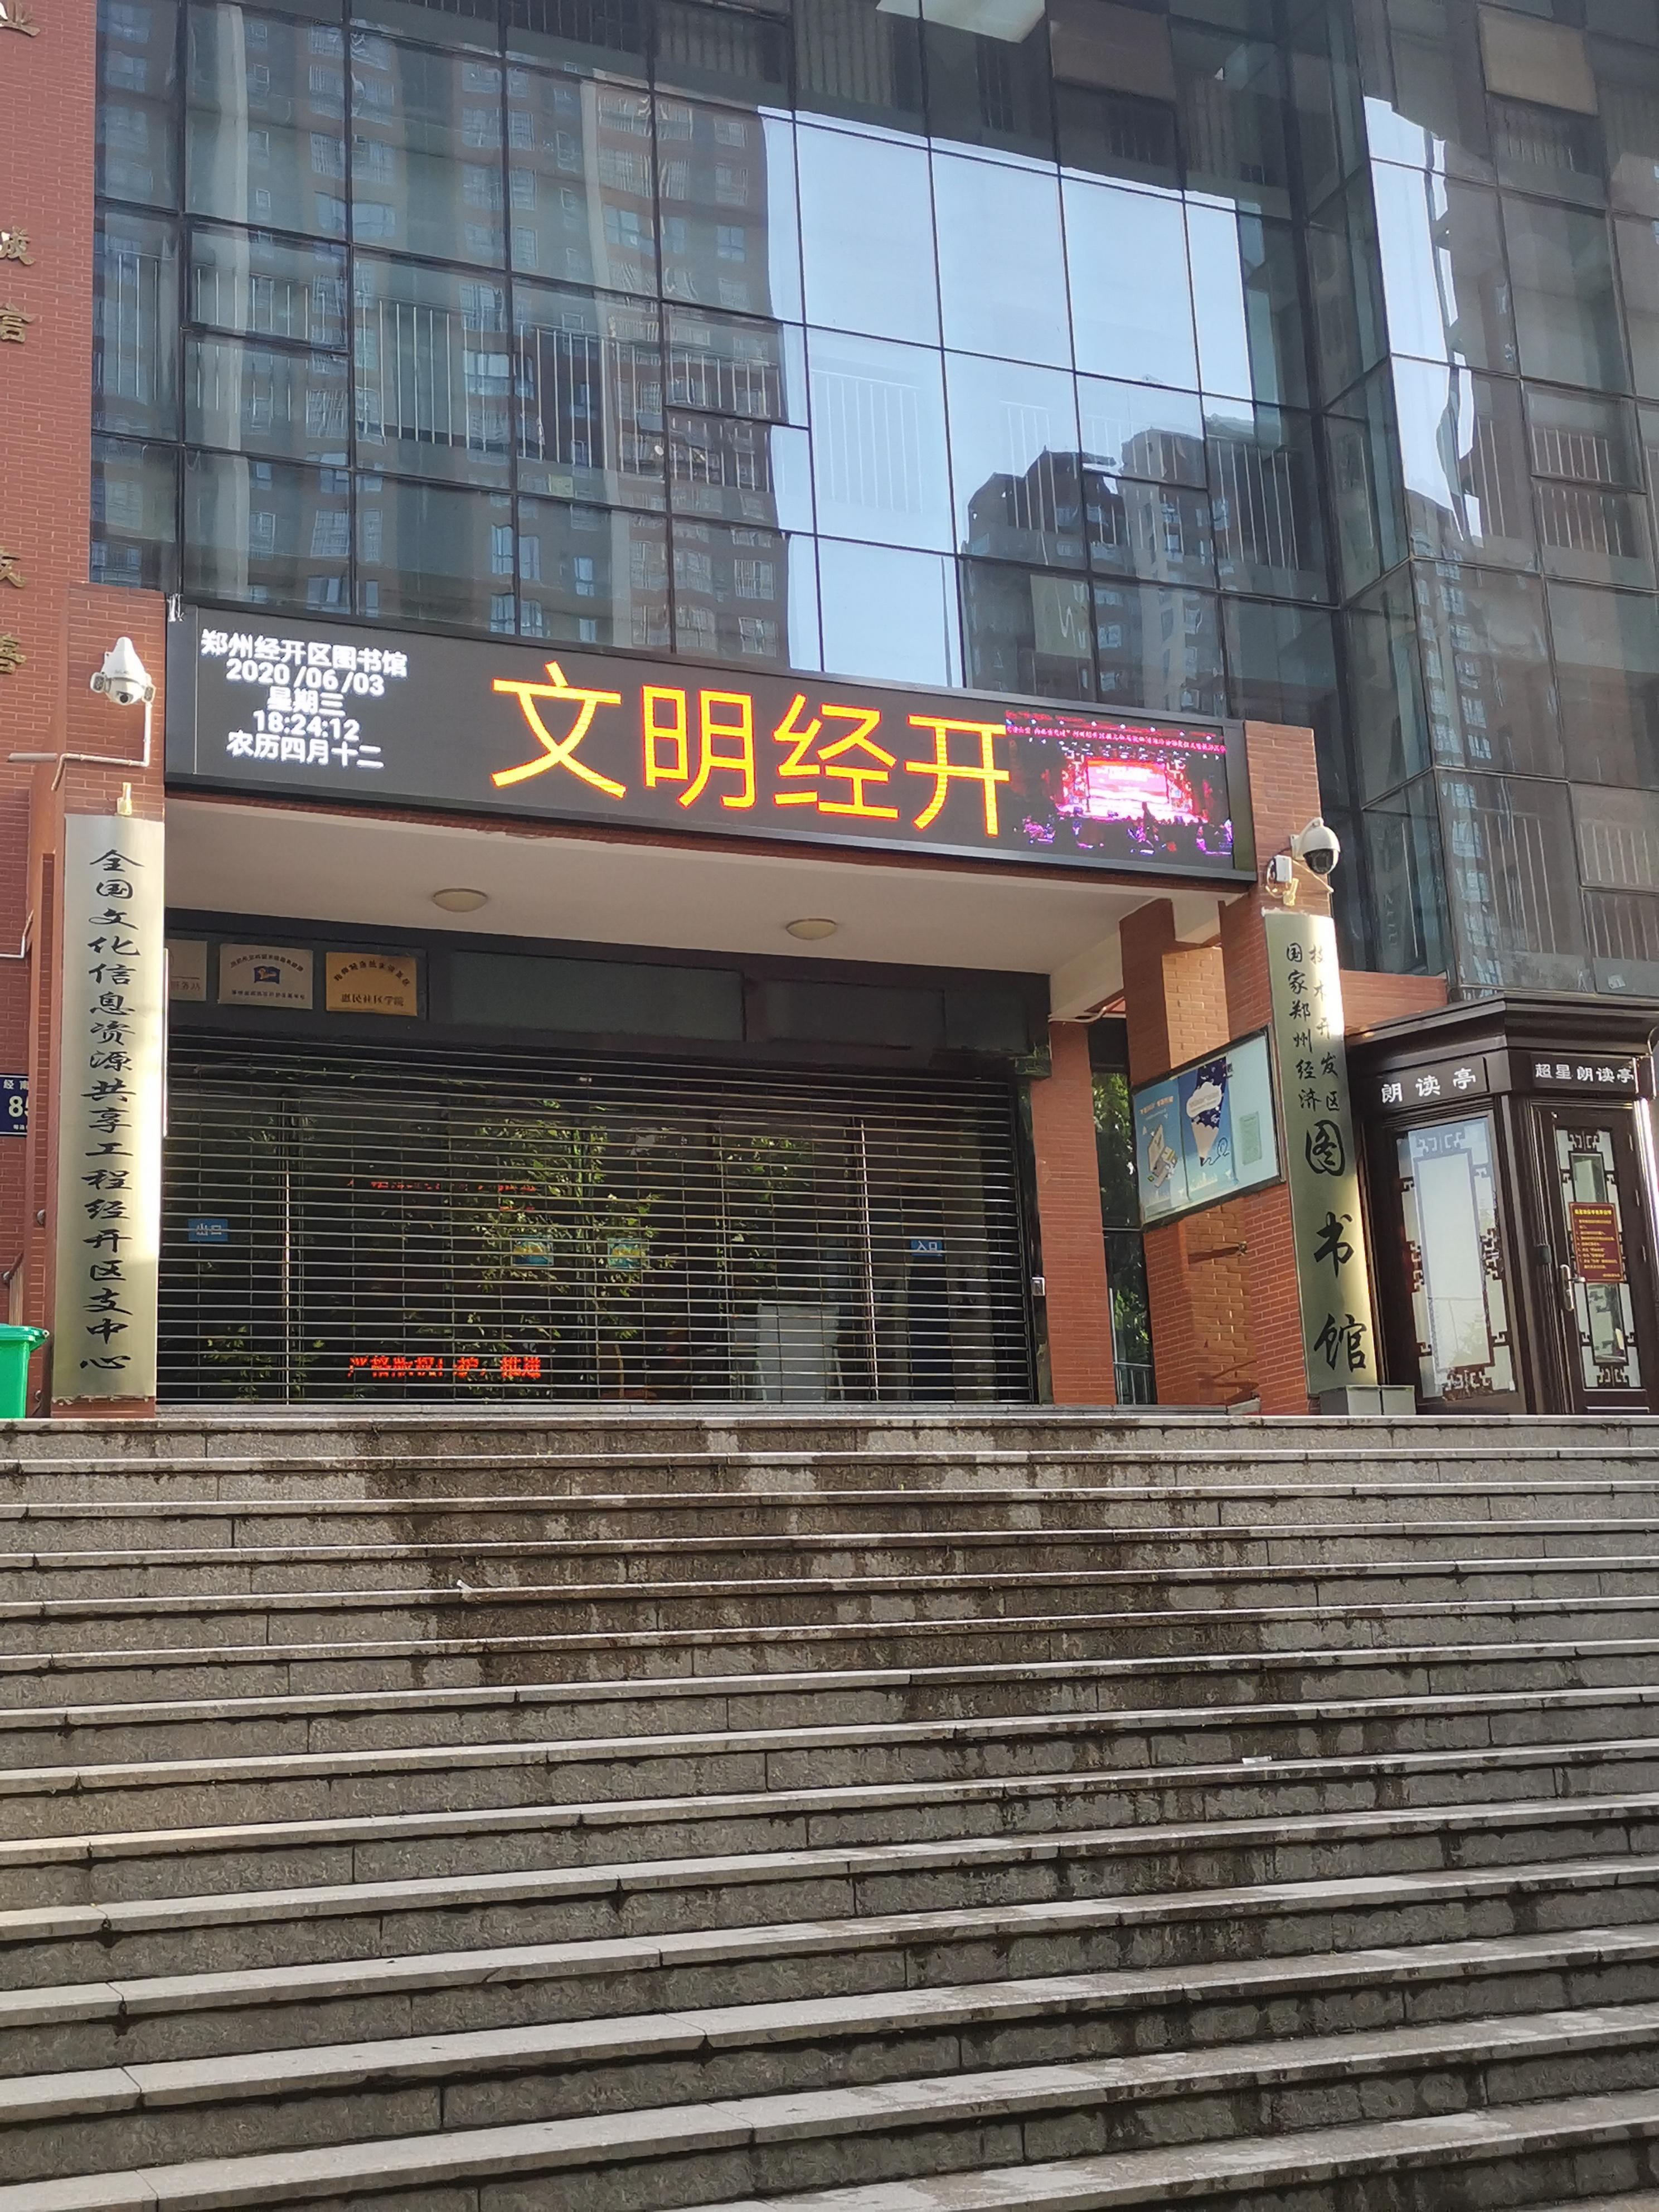 郑州经开区图书馆户外高清全彩屏